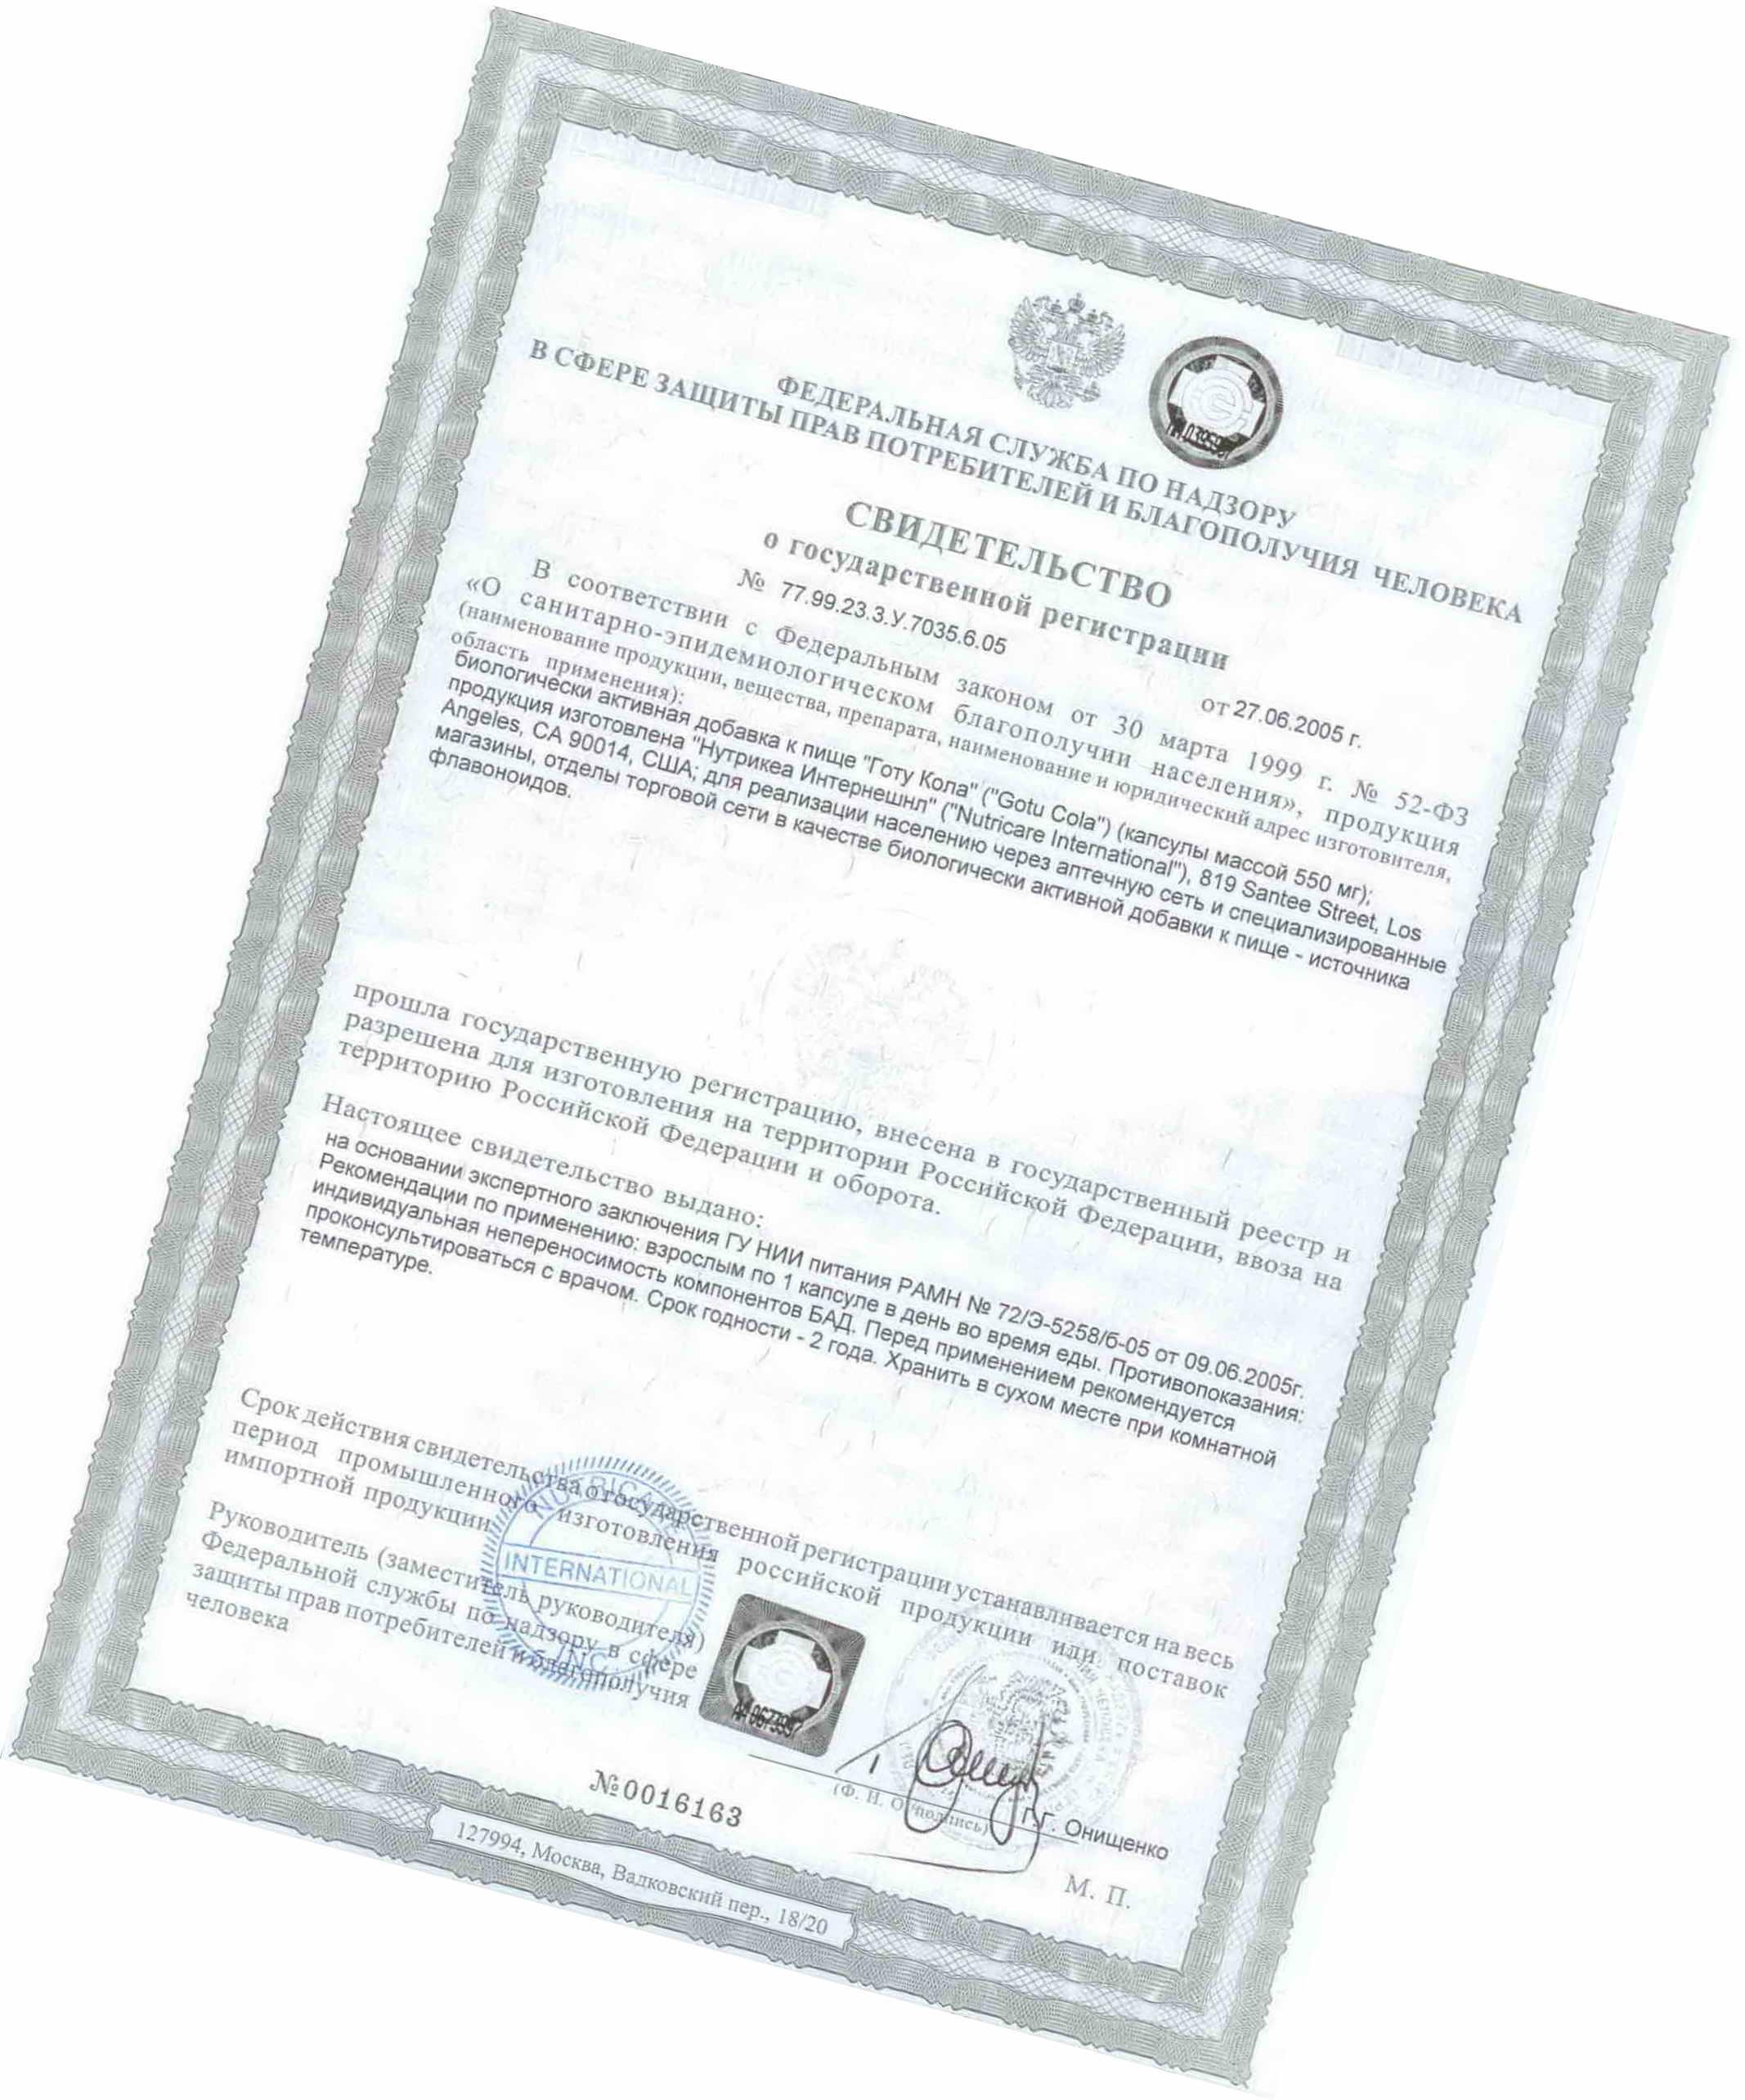 сертификат на препарат готу кола